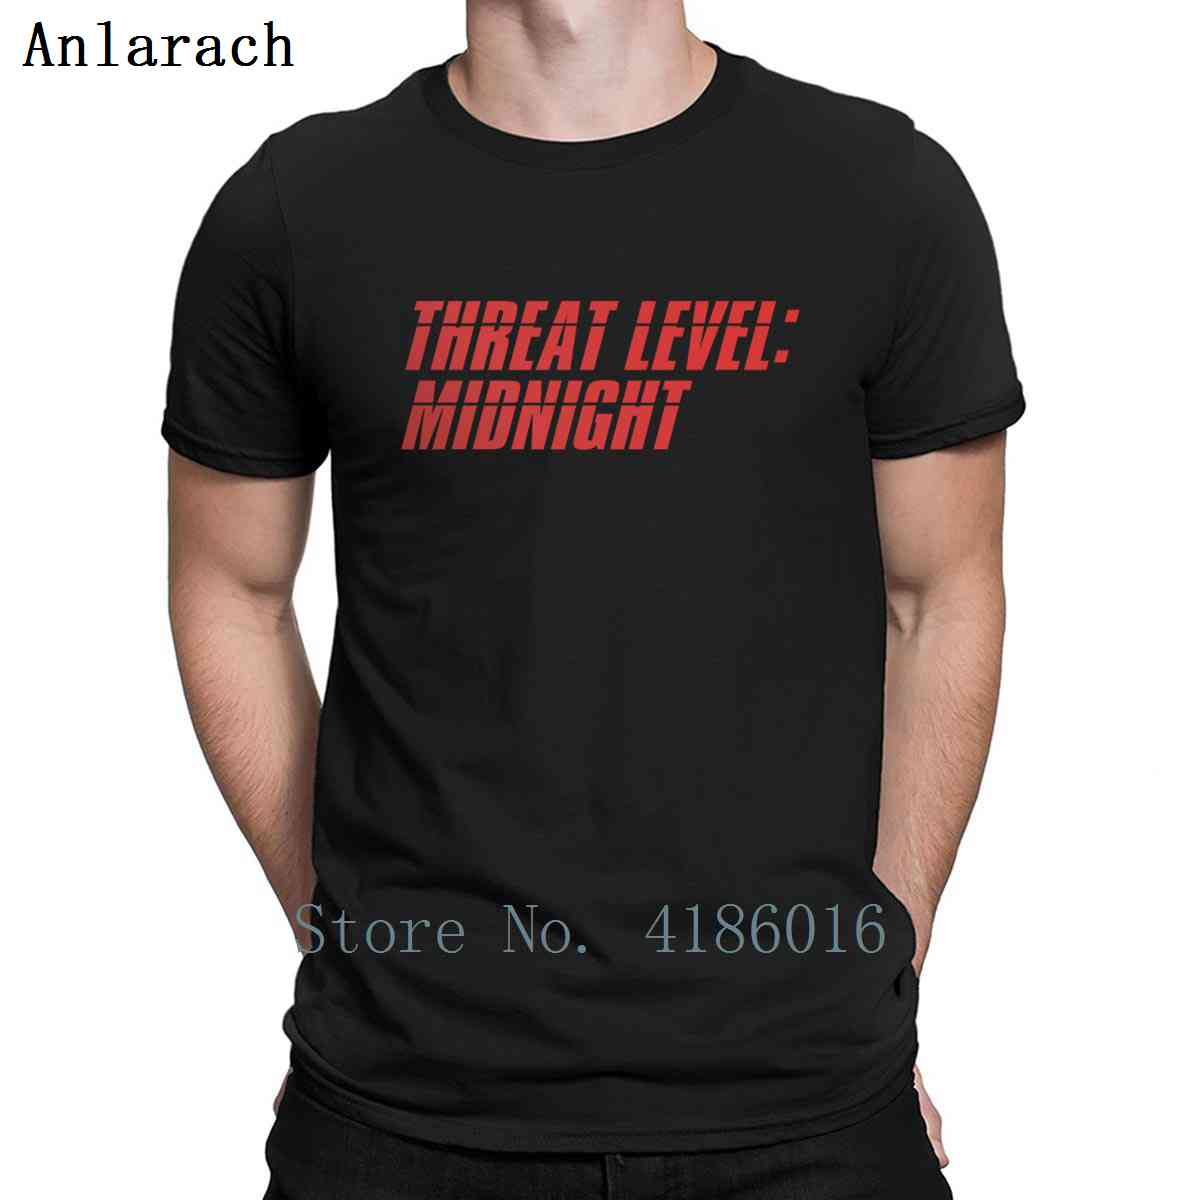 Camiseta de manga corta Cool Original de Humor de primavera antiarrugas con cuello redondo y estampado de Threat Level Midnight The Office